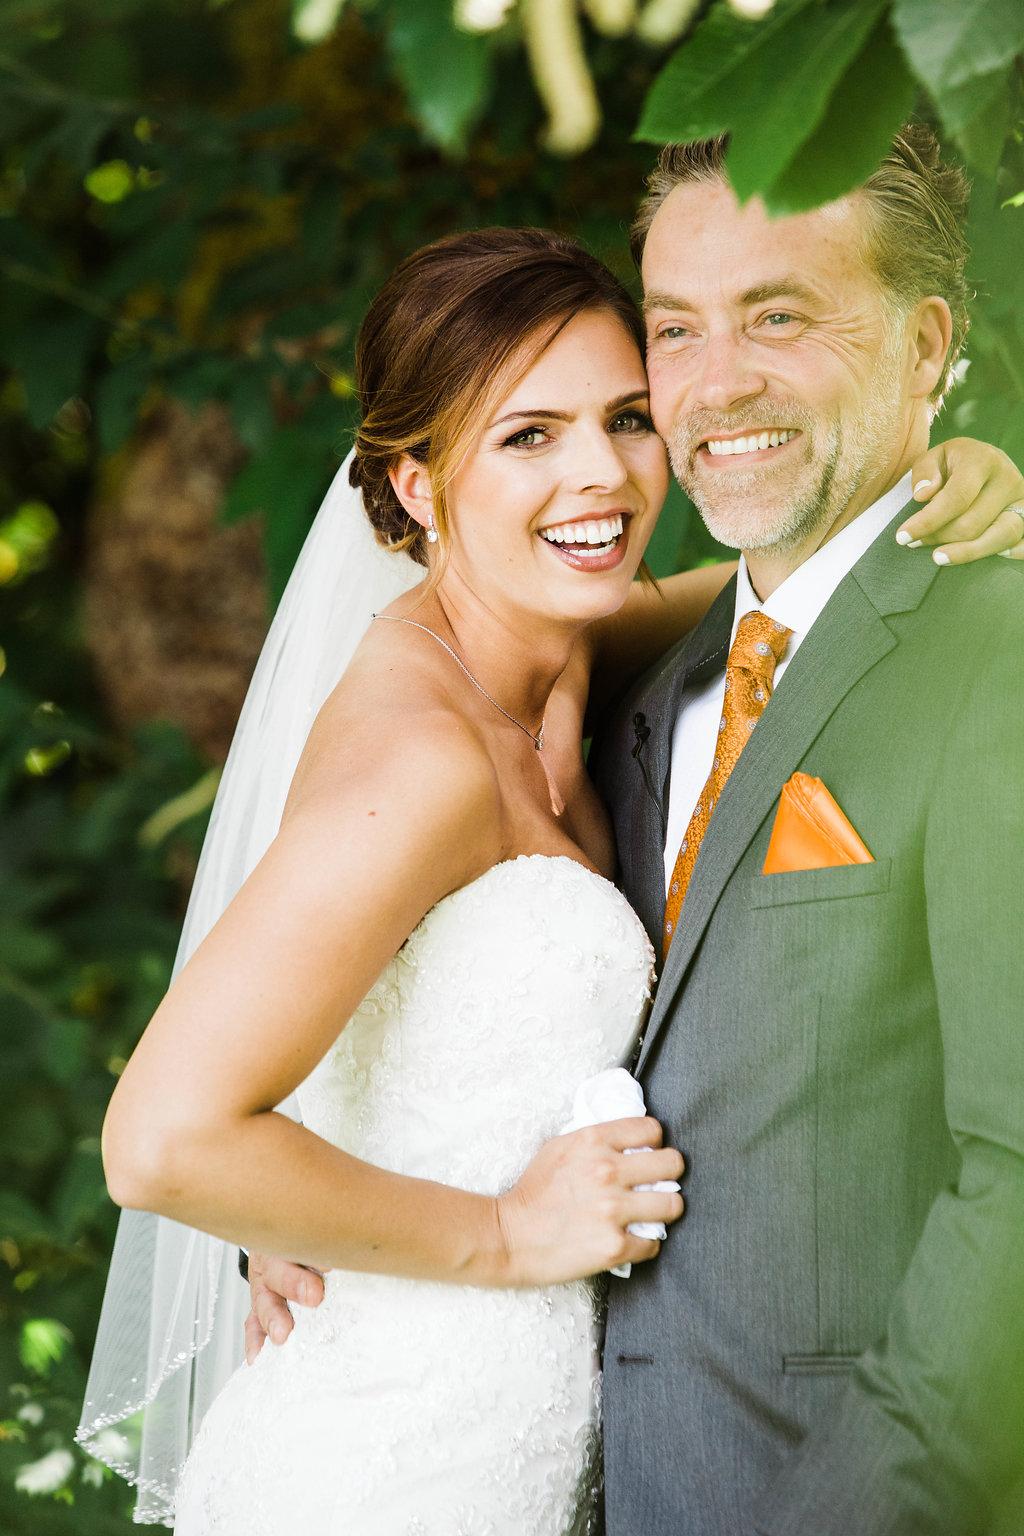 Erin+Tyson_The_Kelley_Farm_Wedding_by_Adina_Preston_Weddings_68.JPG